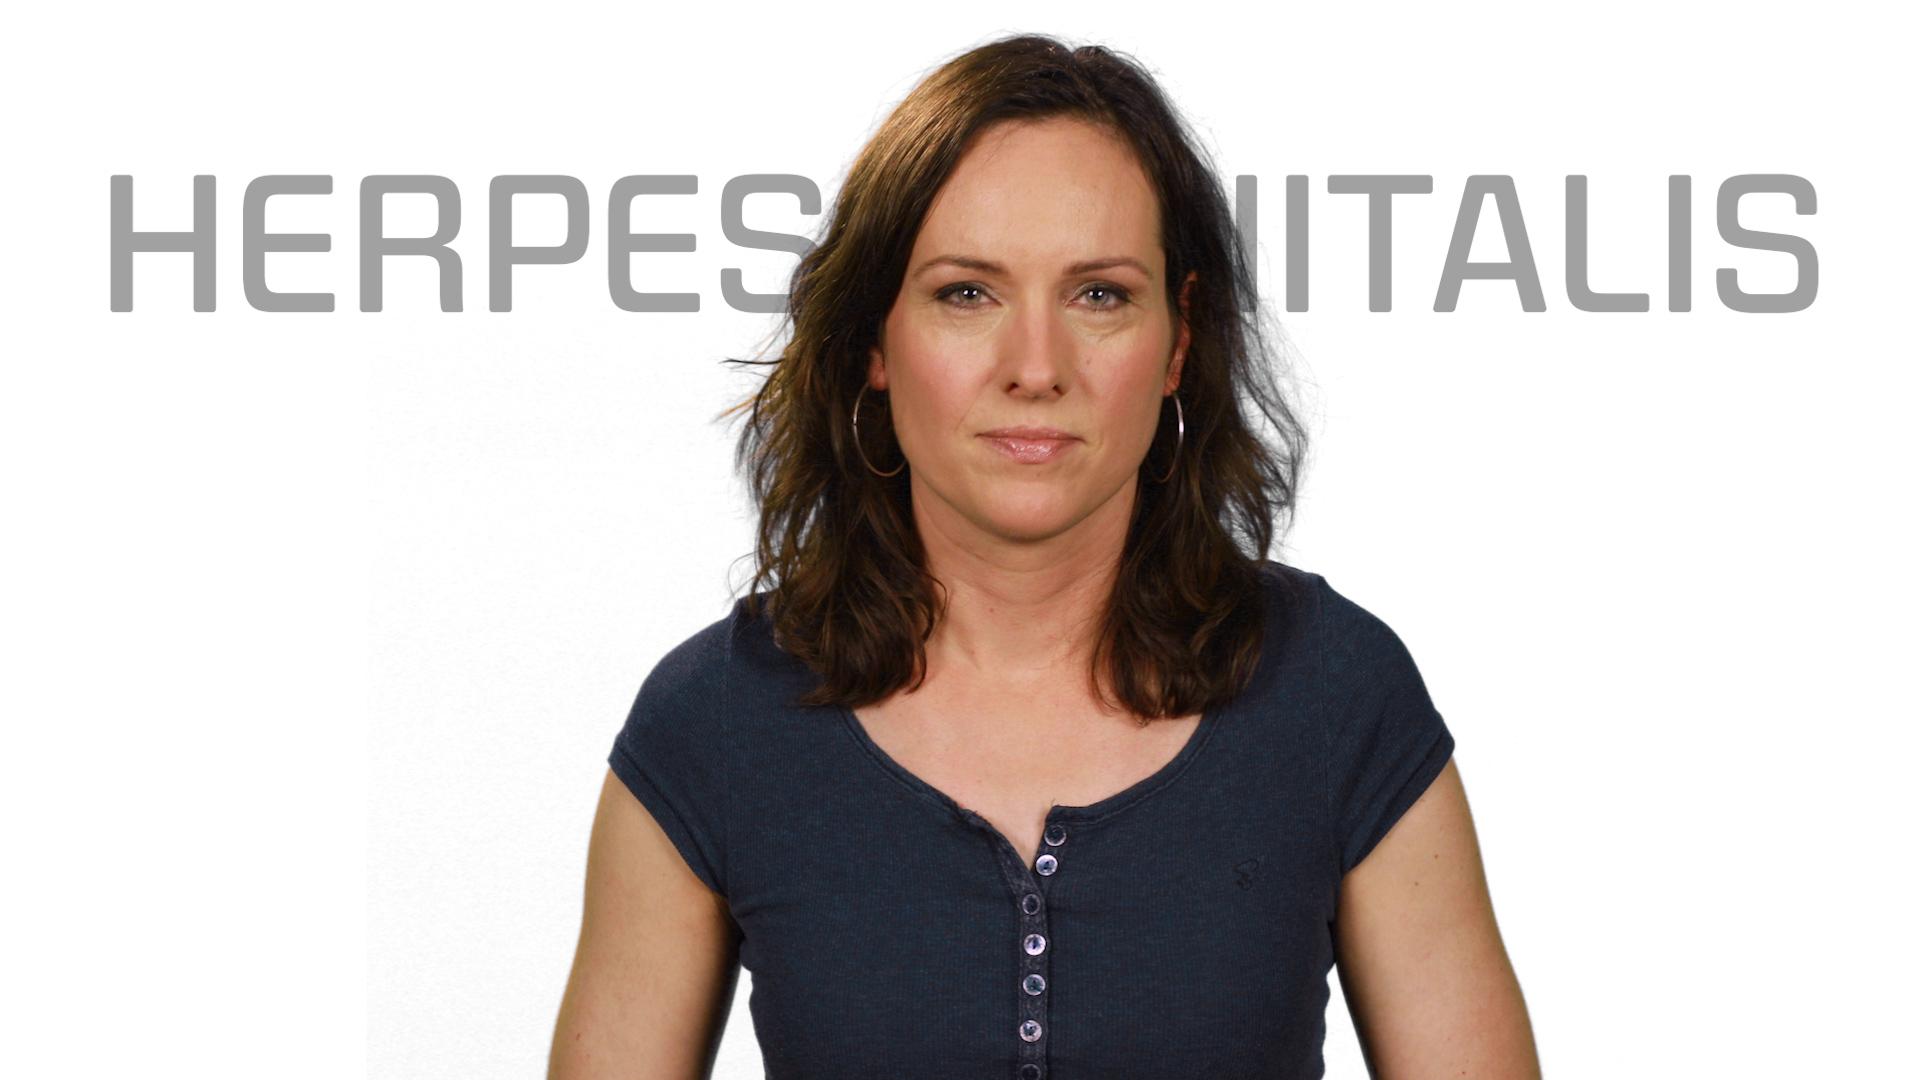 Bekijk de video: Herpes genitalis